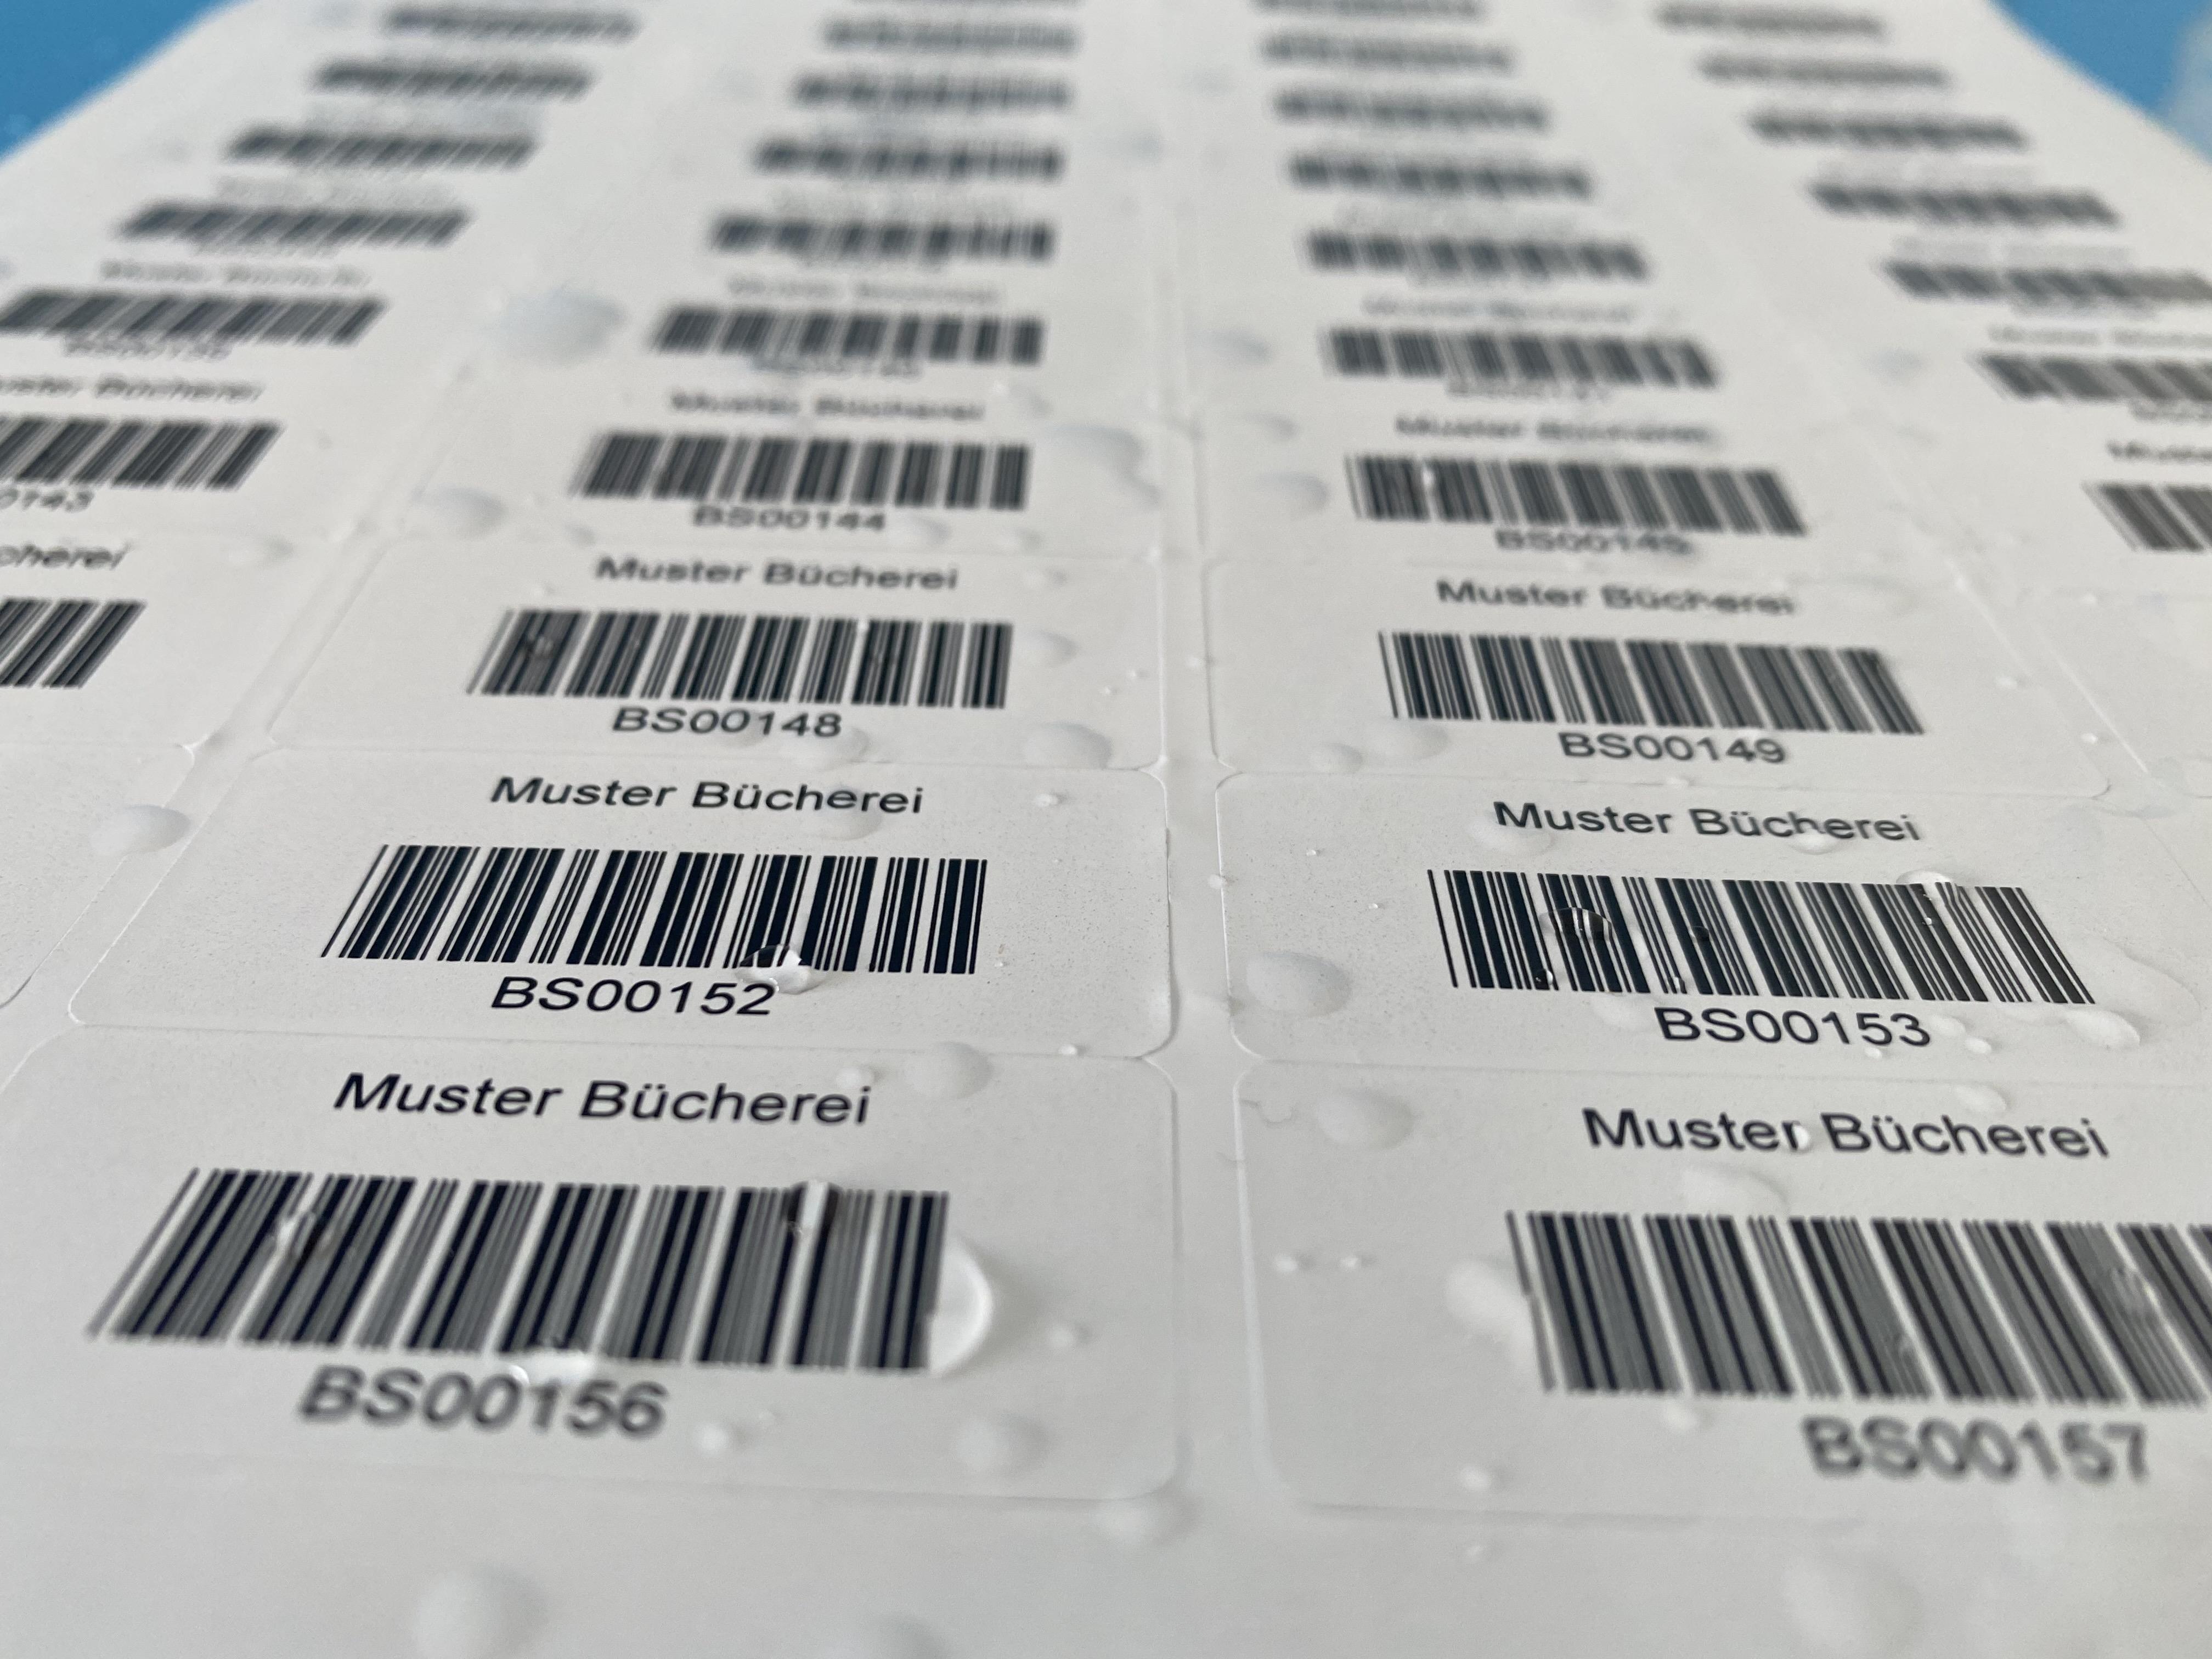 wischfeste, individuell bedruckte Barcode-Etiketten auf Bögen